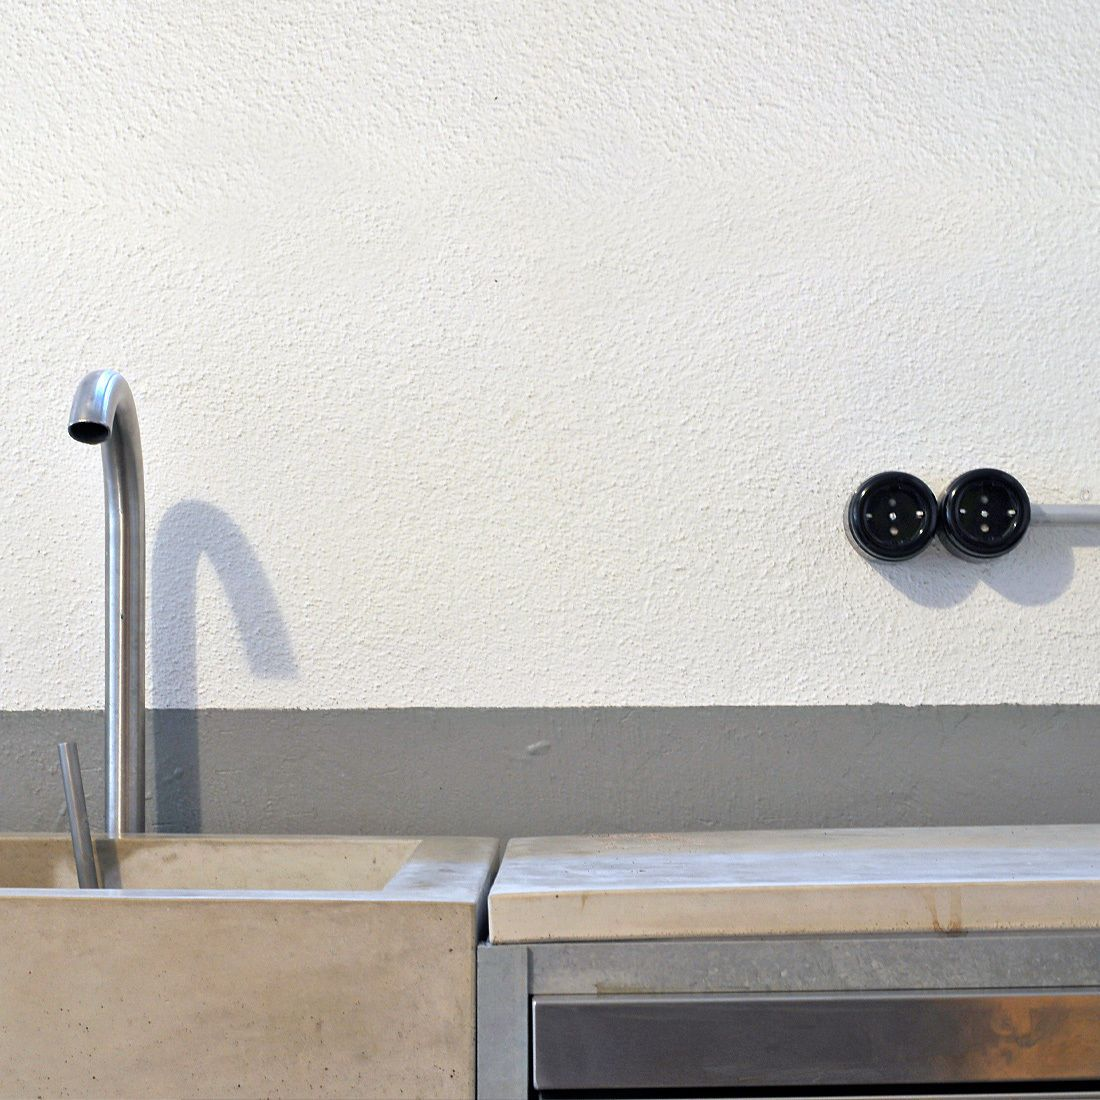 schaltersysteme aus porzellan bakelit duroplast und glas ais. Black Bedroom Furniture Sets. Home Design Ideas